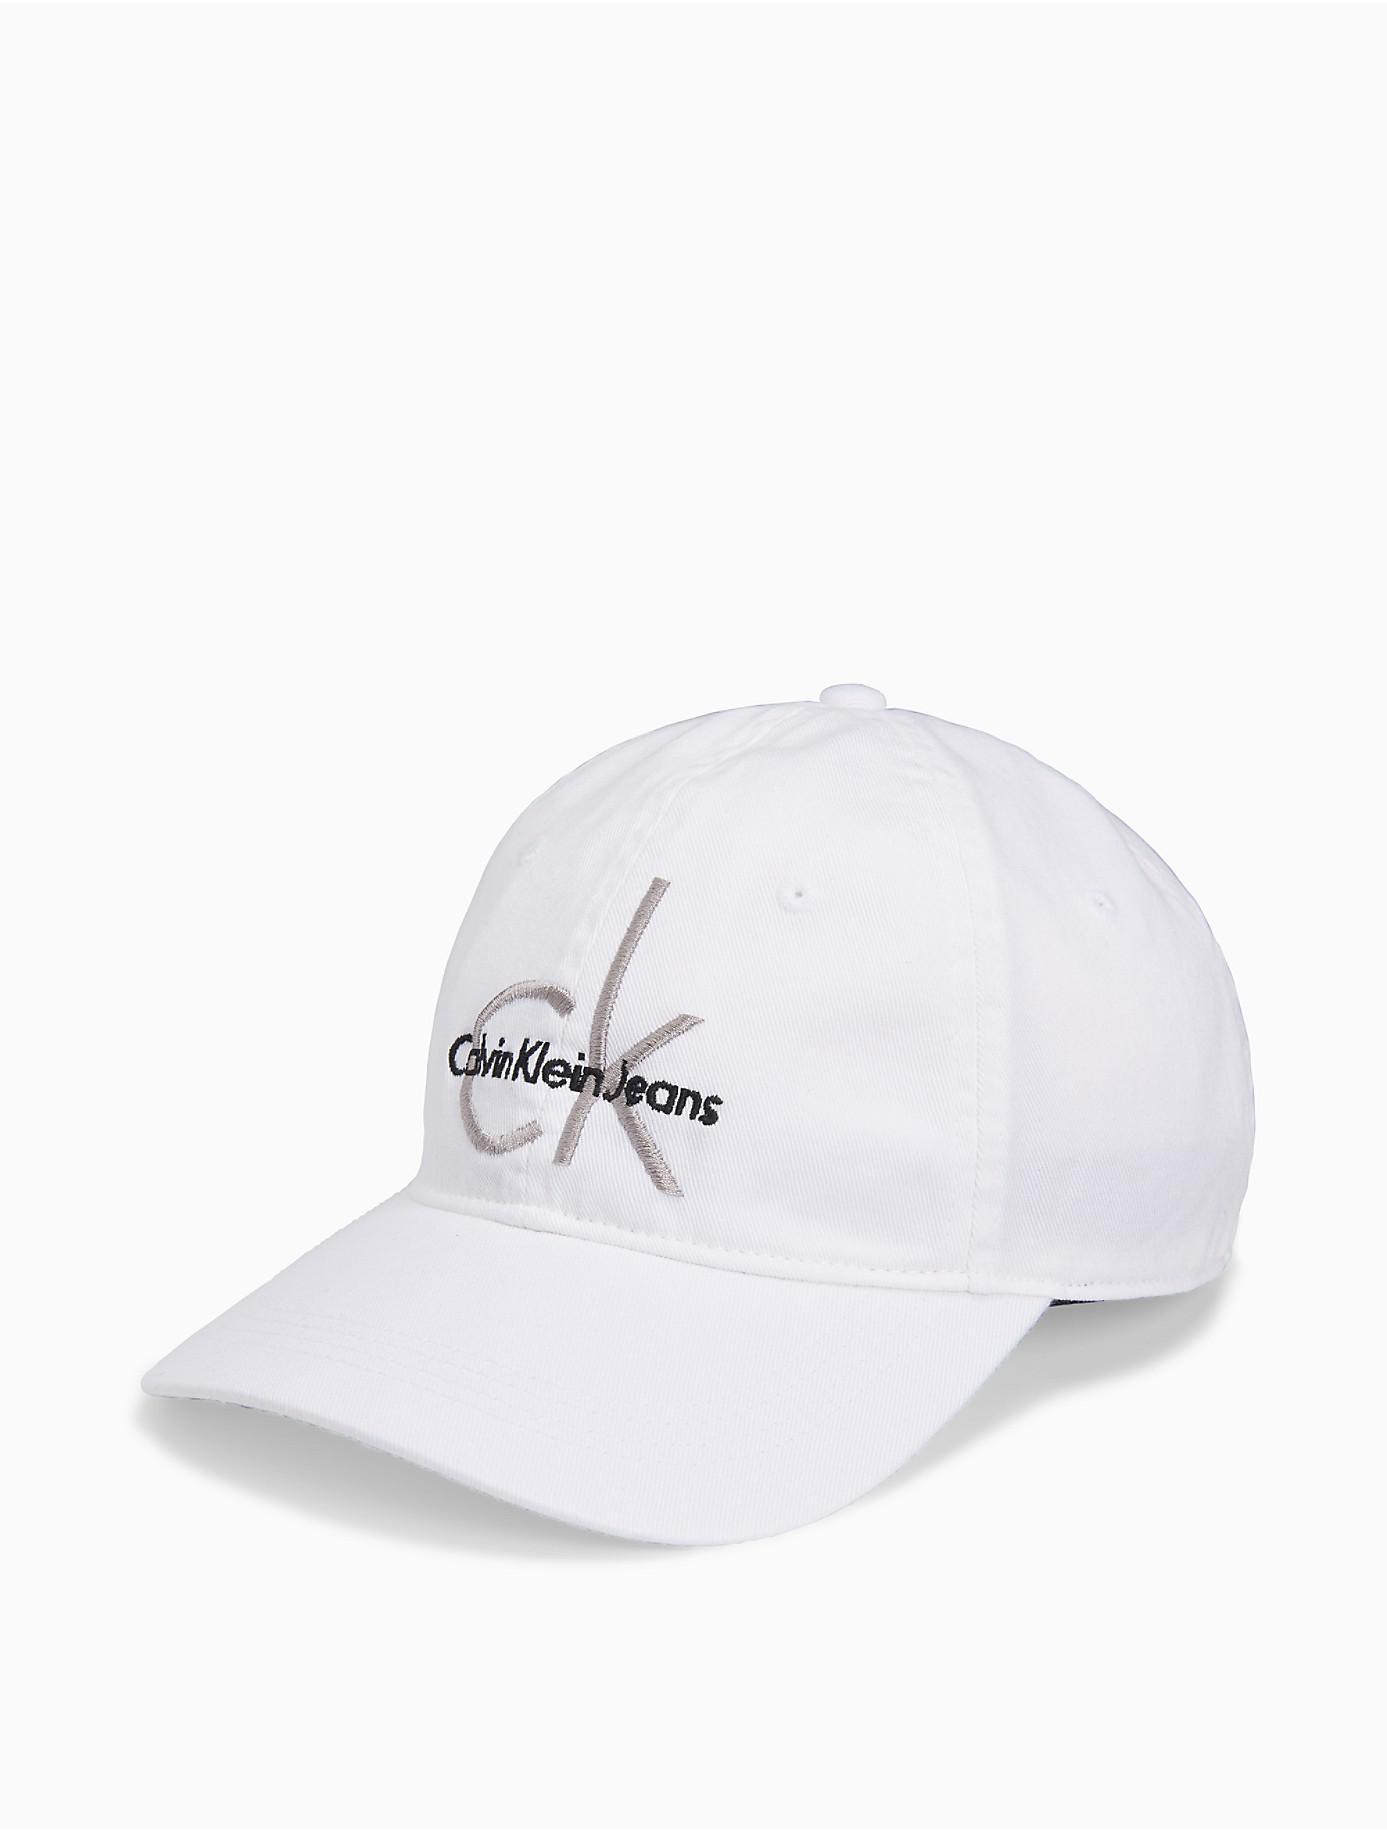 White Logo Cap CALVIN KLEIN 205W39NYC ZKrZHMoKur